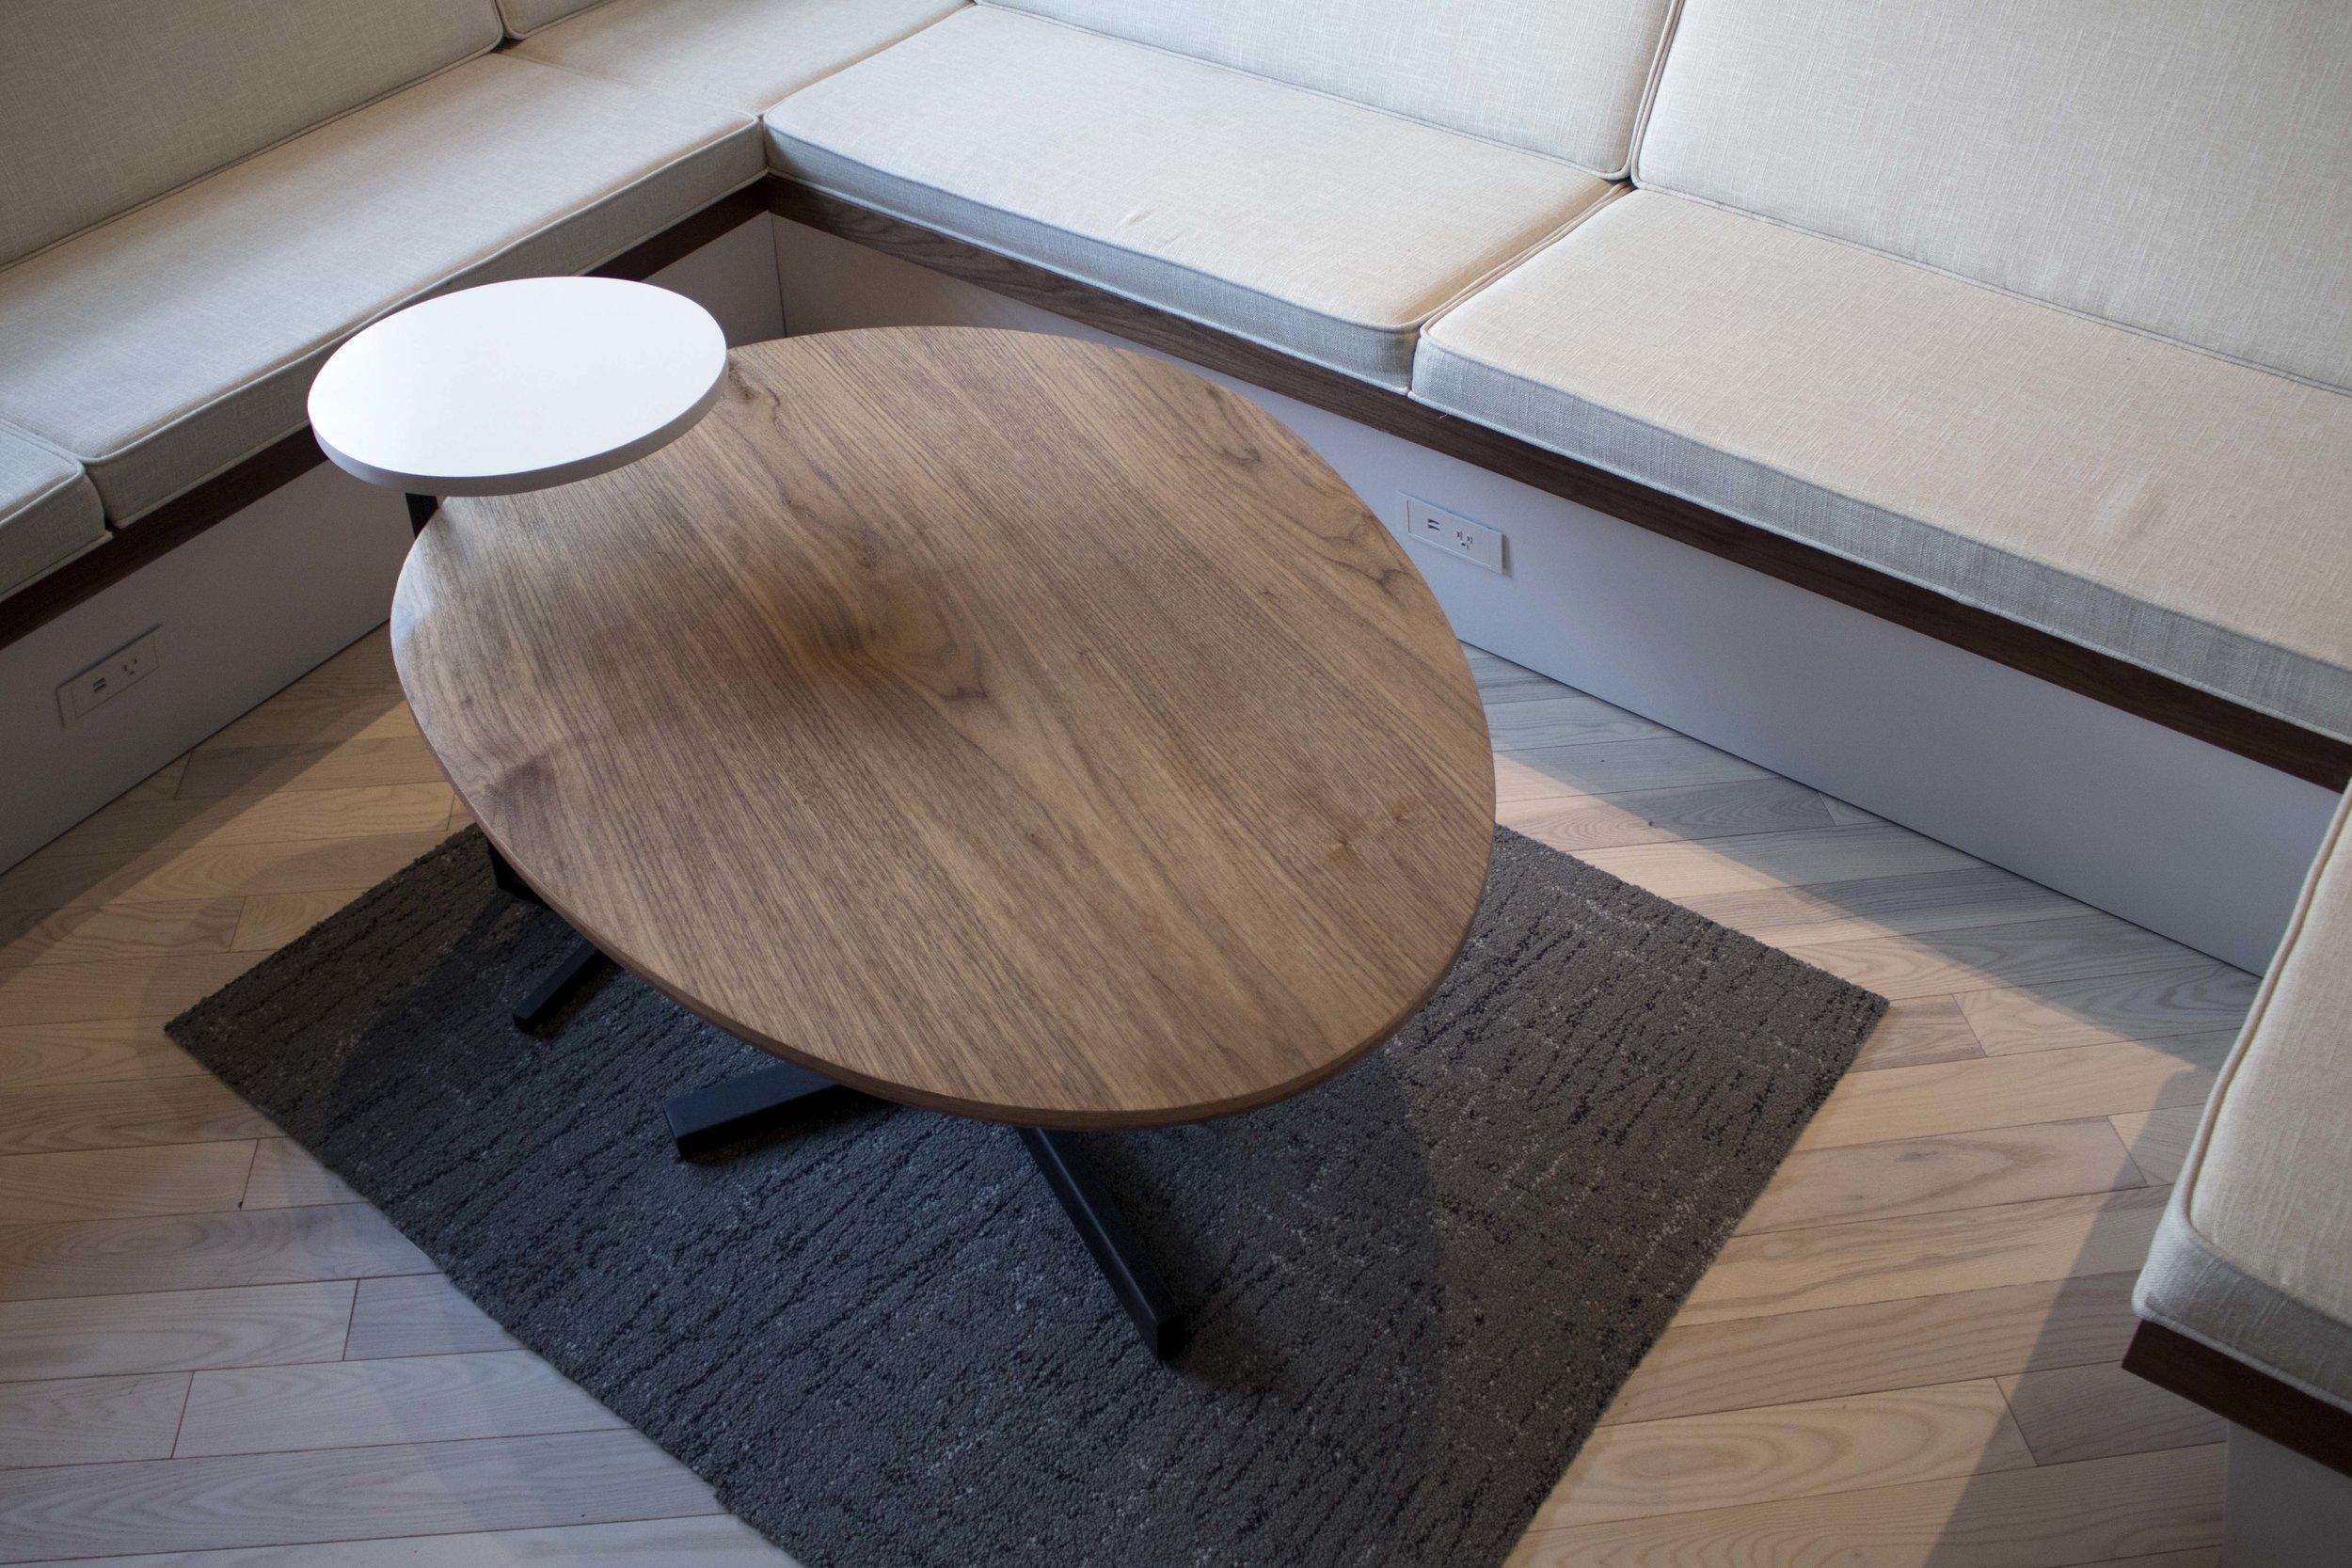 Egg shape walnut coffee table